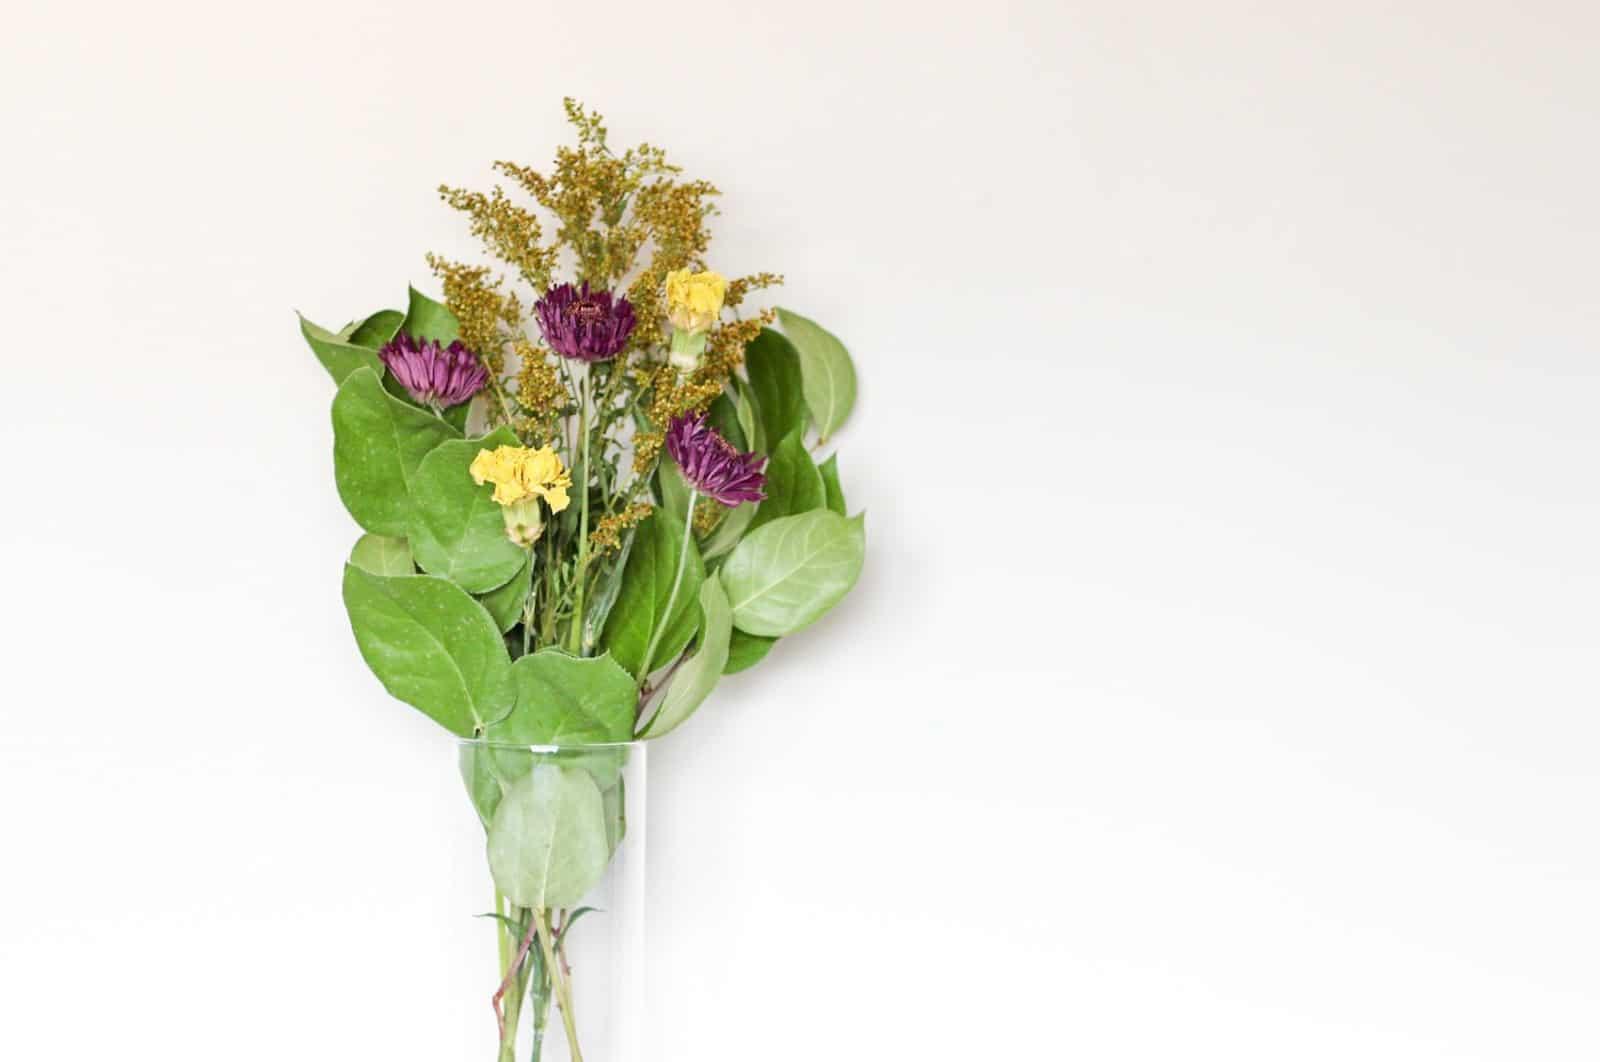 dried flower bouquet in vase